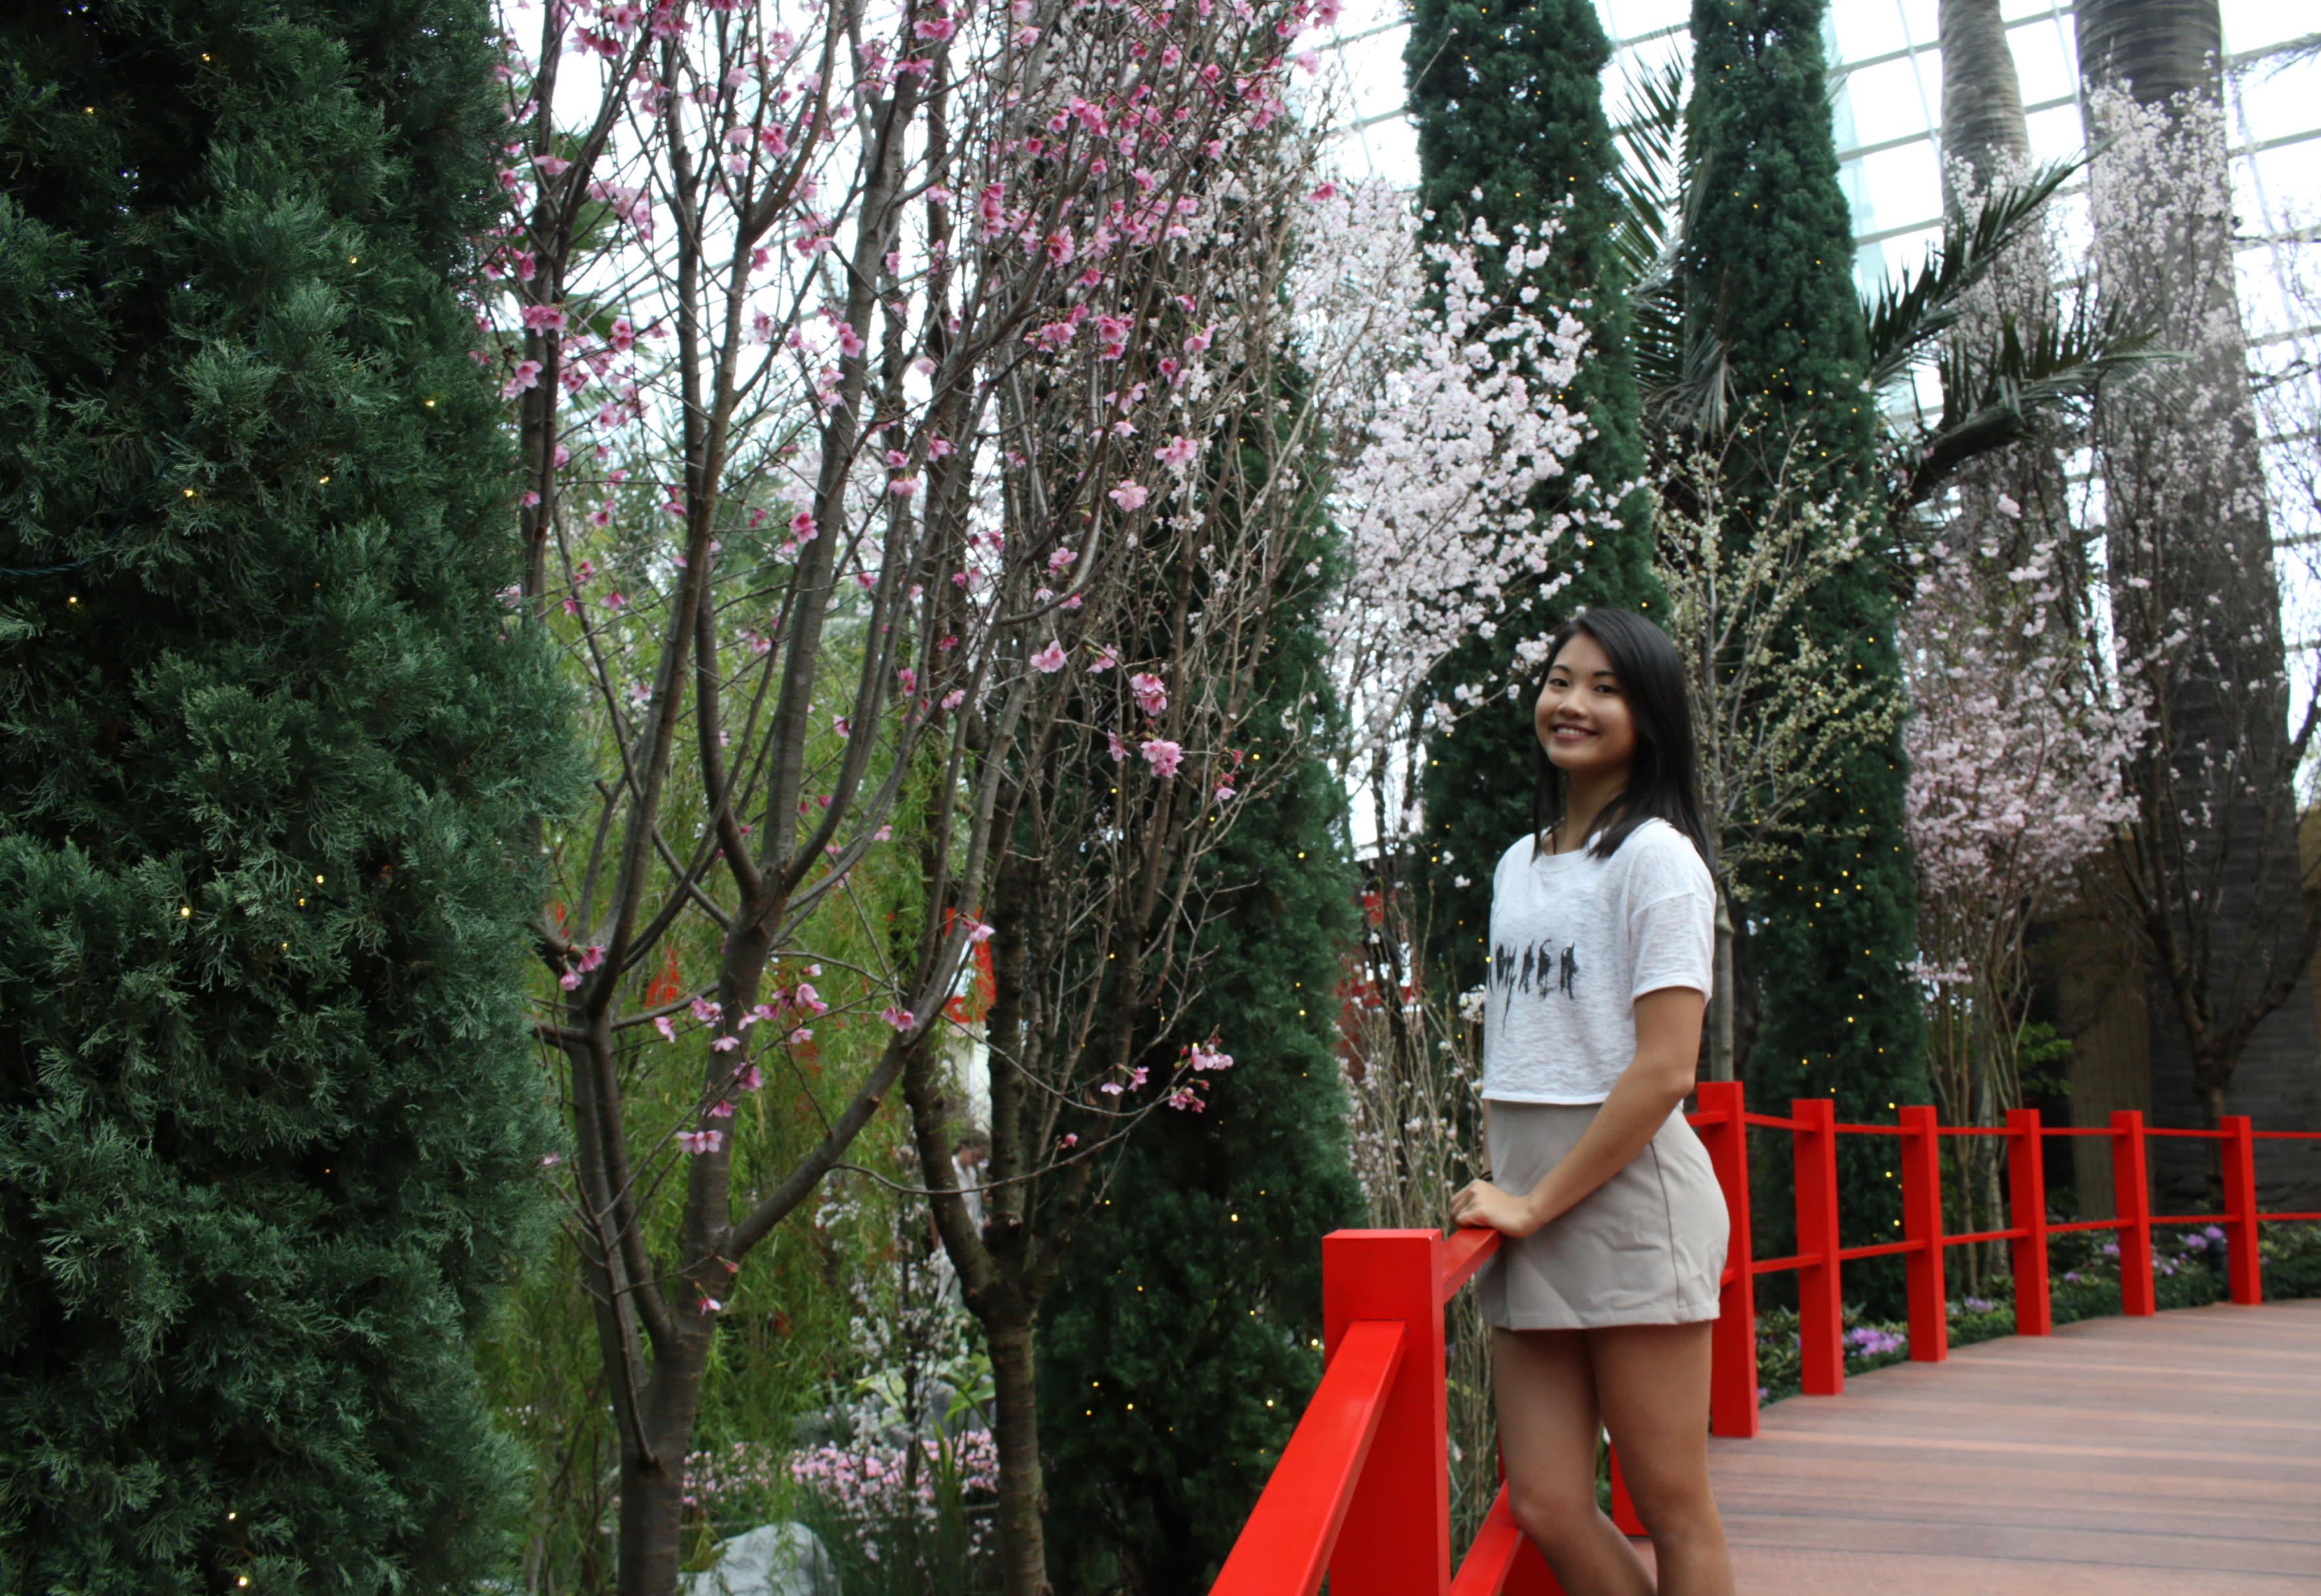 dung lo neu ban lo mat mua hoa anh dao o nhat singapore cung co hoa anh dao cho ban16